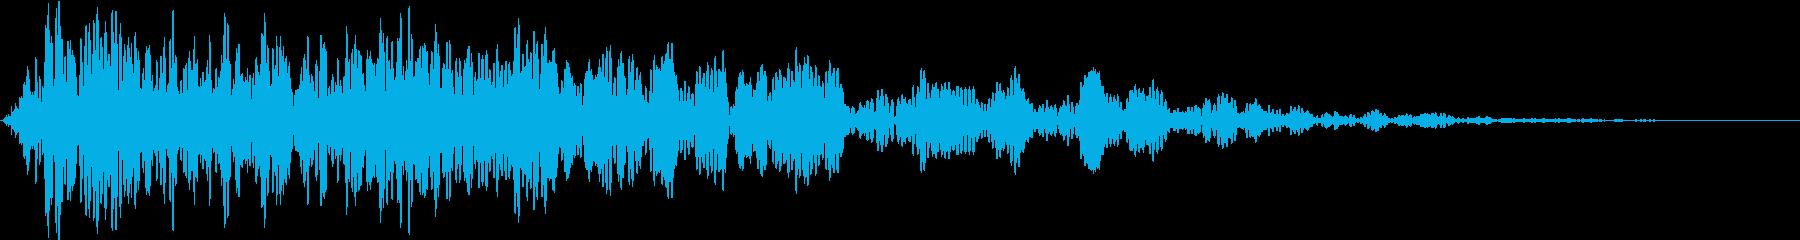 迫力のあるサウンドでタイトルを強調の再生済みの波形